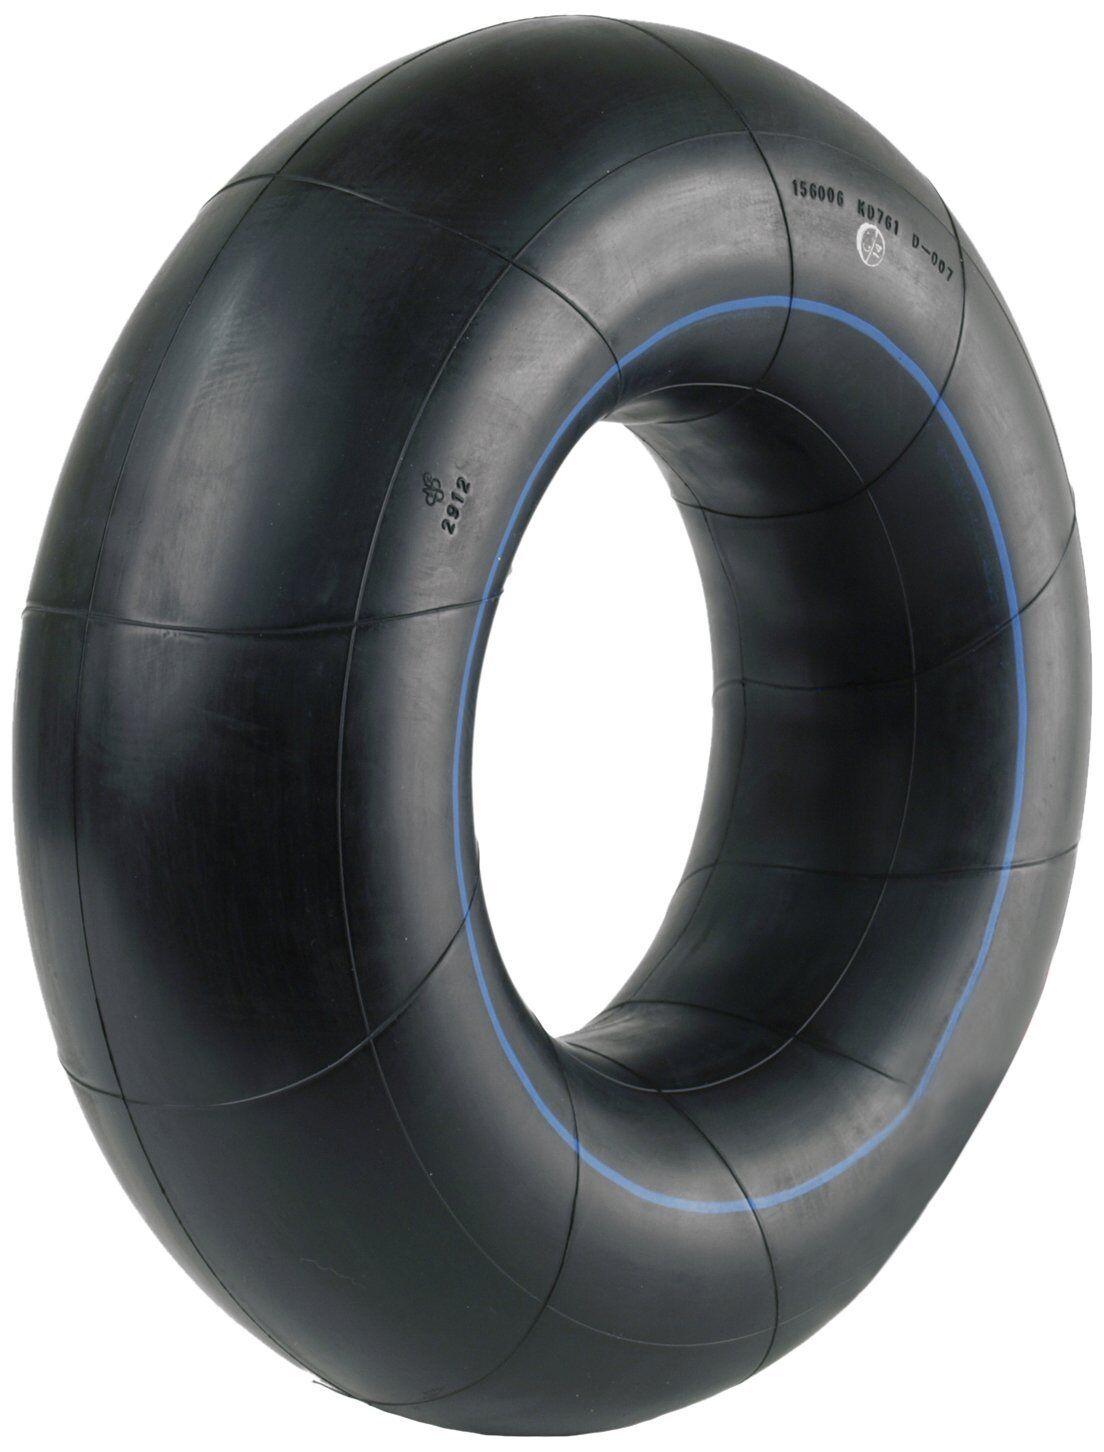 Martin Wheel T858k Butyl Rubber Inner Tube, 18x850/950-8